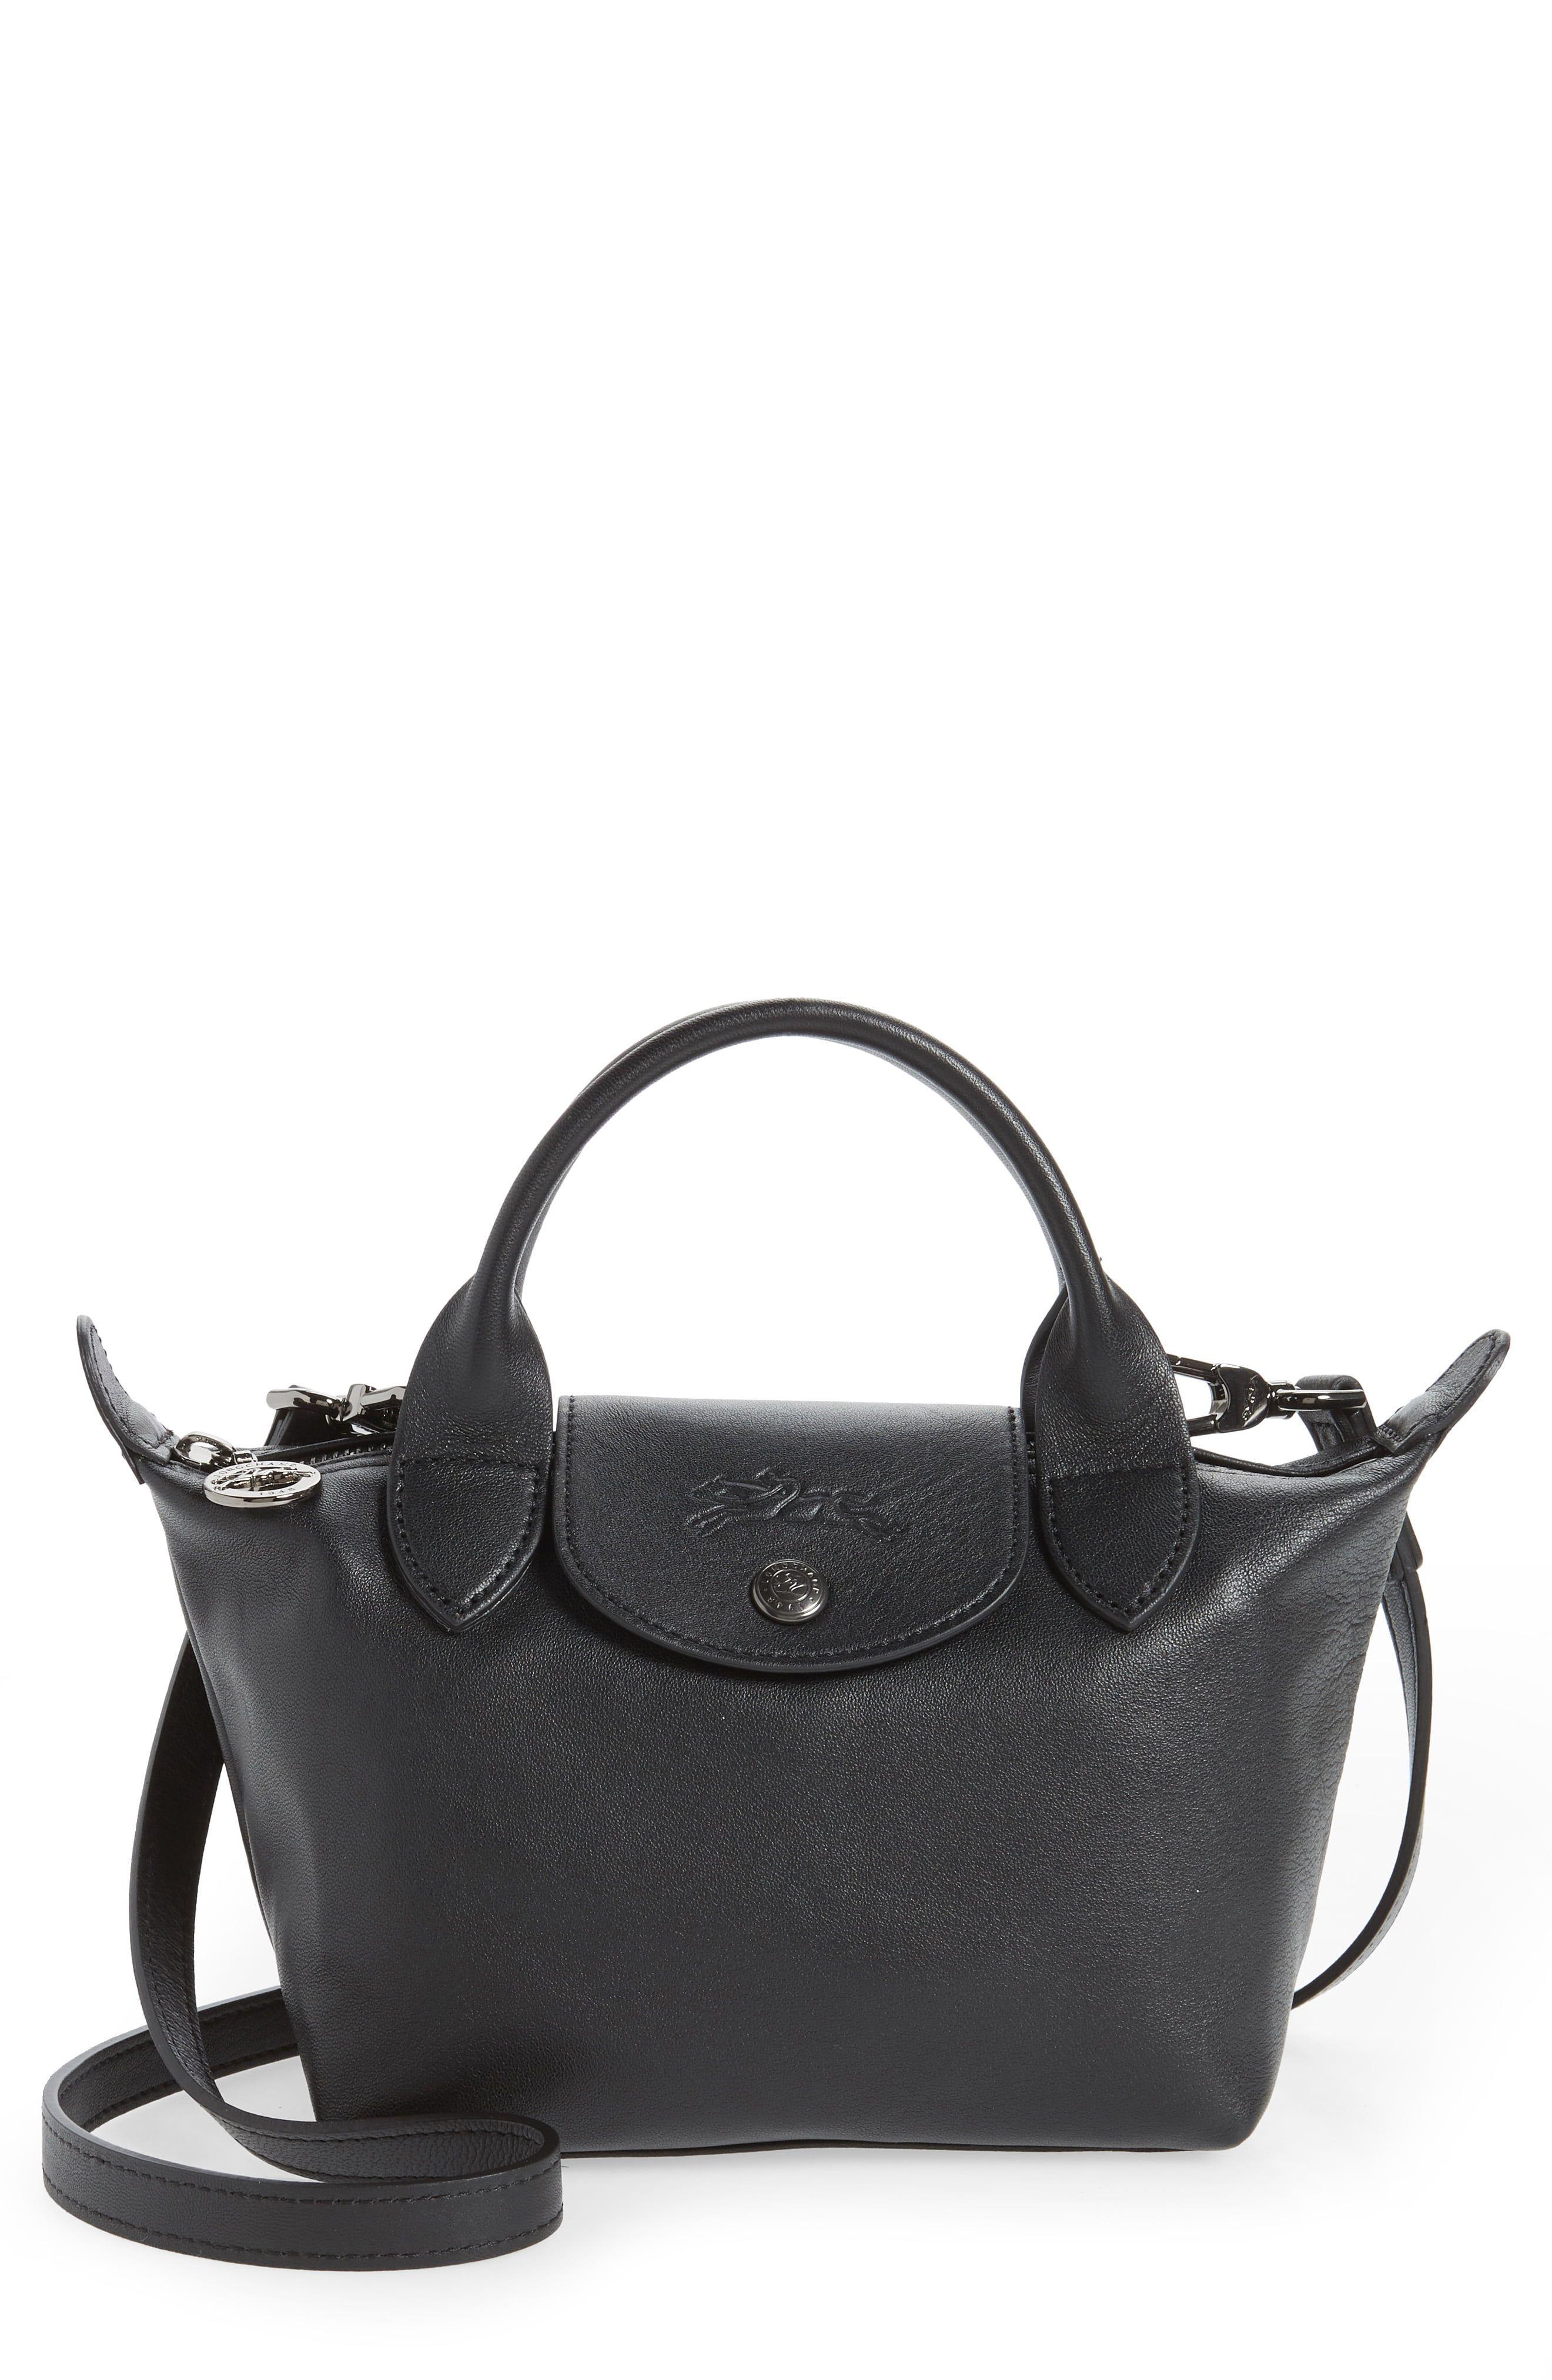 Longchamp Mini Le Pliage Cuir Leather Top Handle Bag | Nordstrom ...